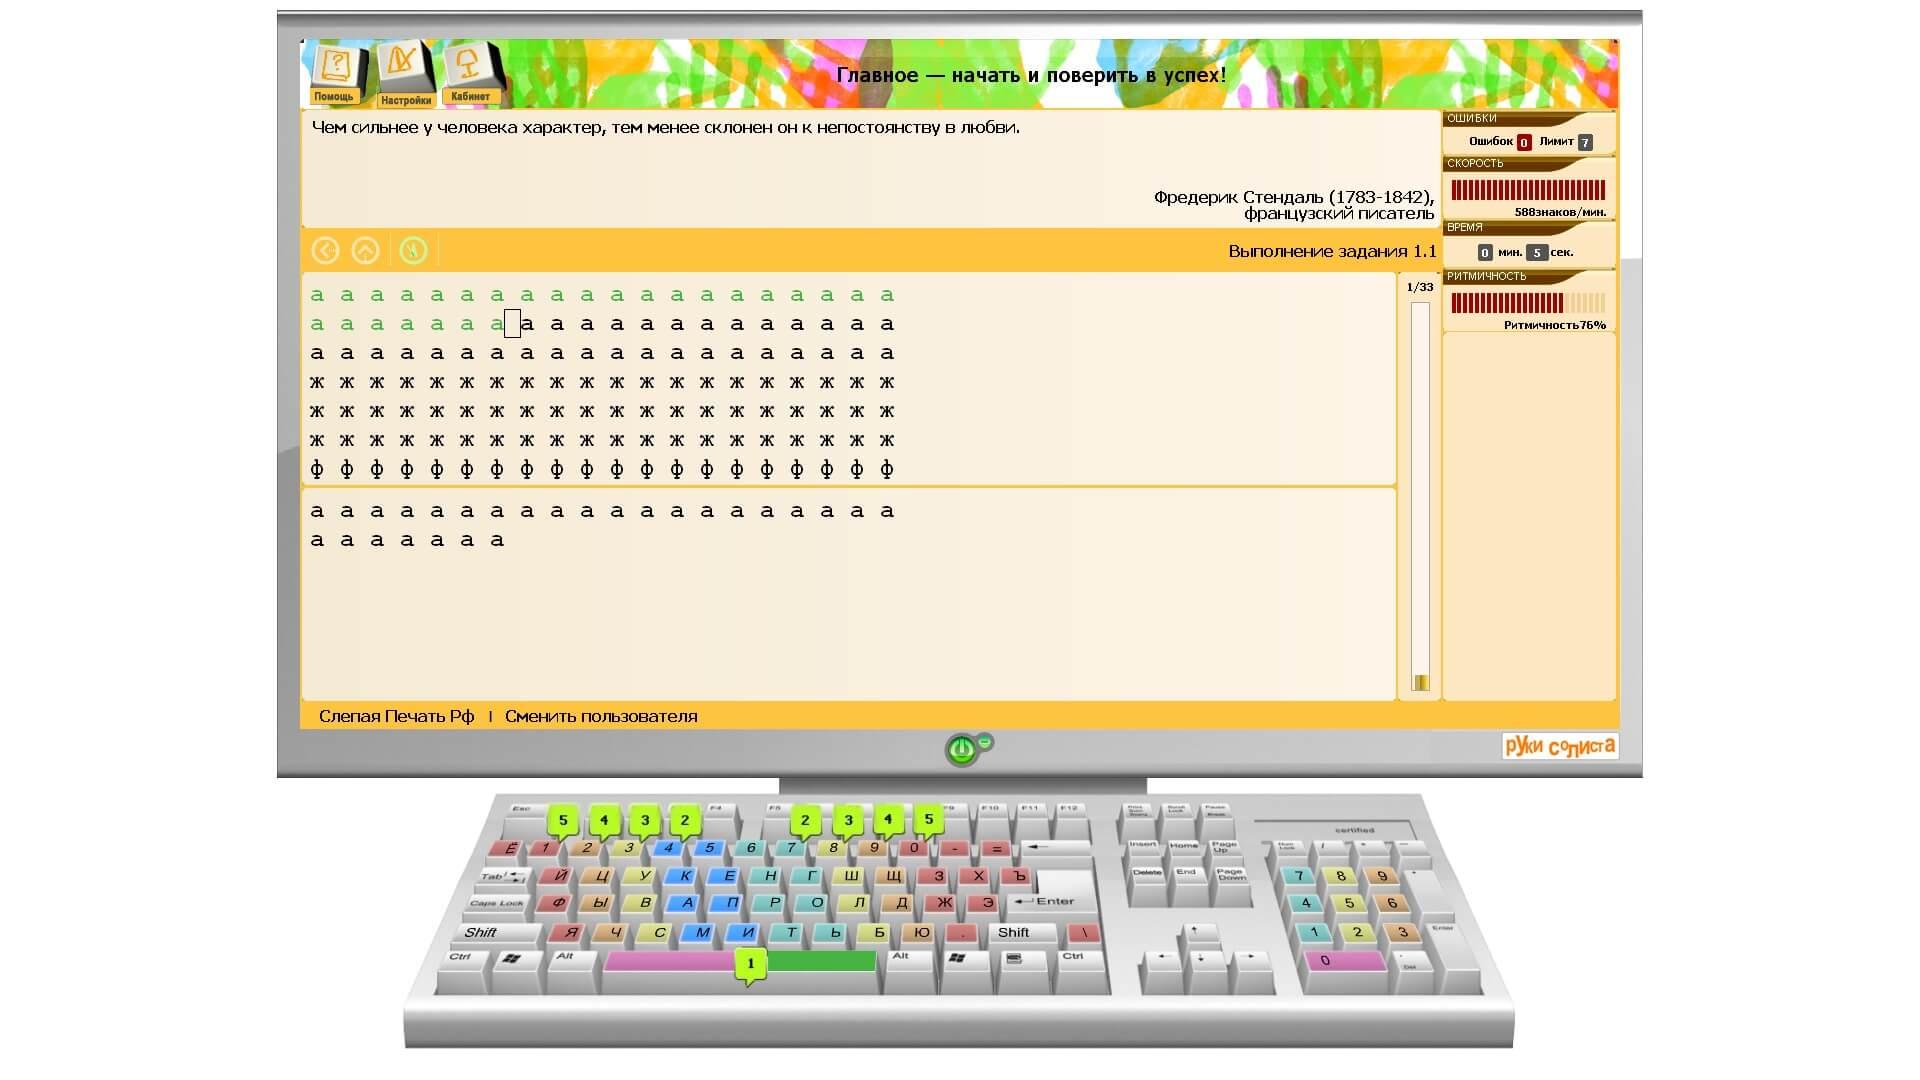 Скриншот клавиатурного тренажера Руки солиста